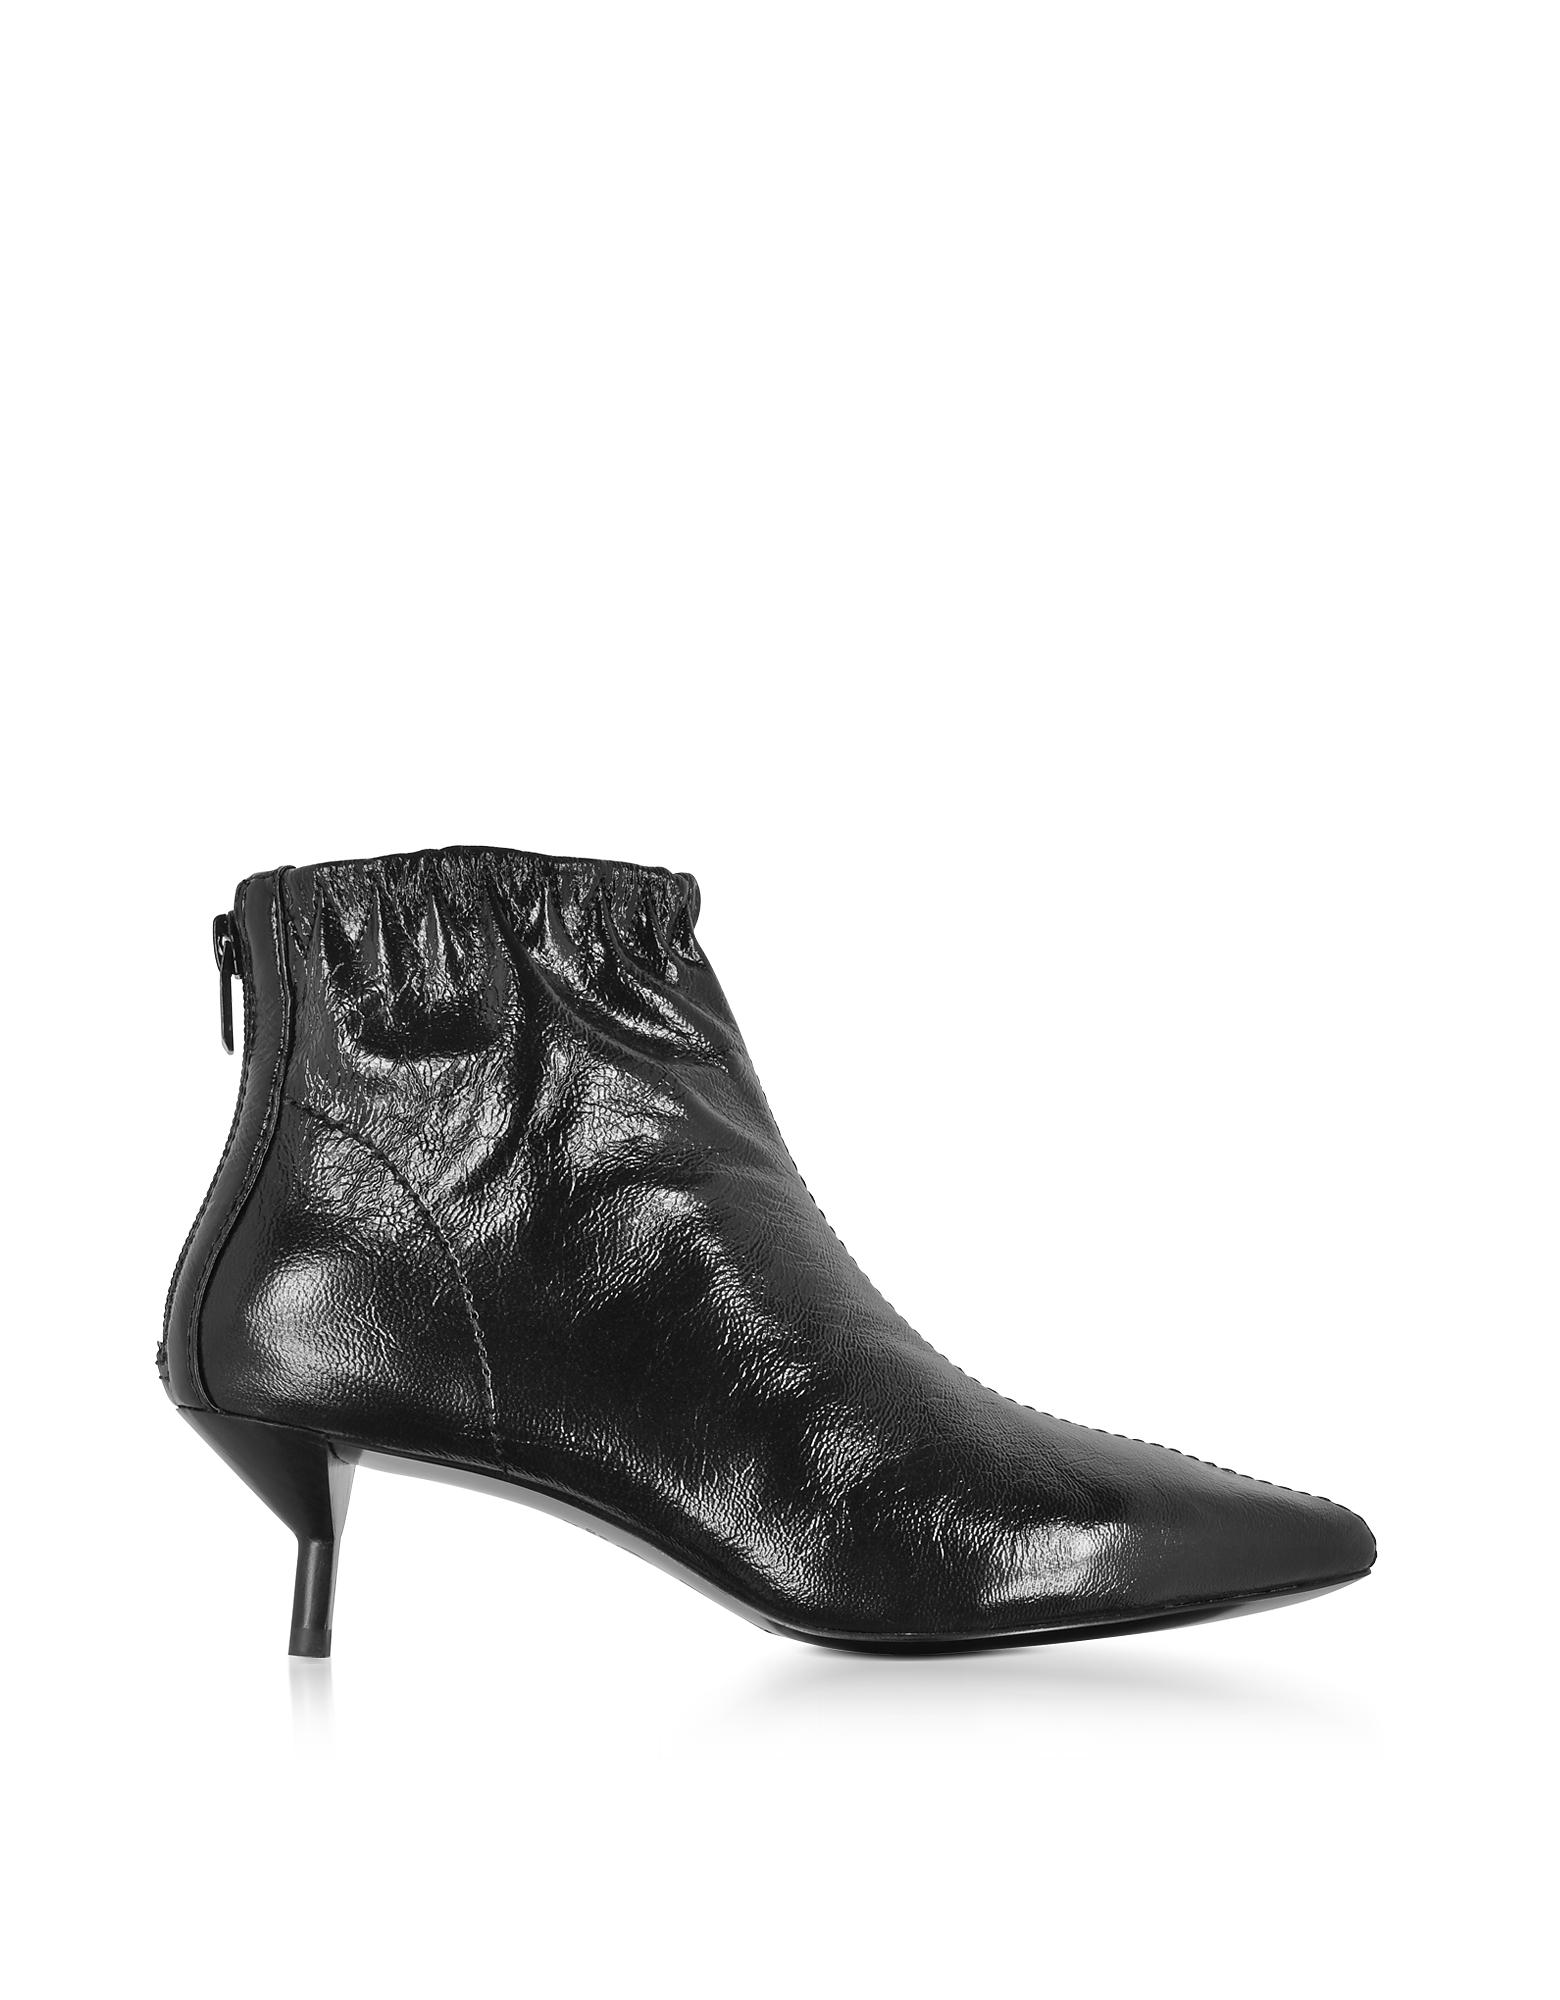 Blitz Black Leather Kitten Heel Booties